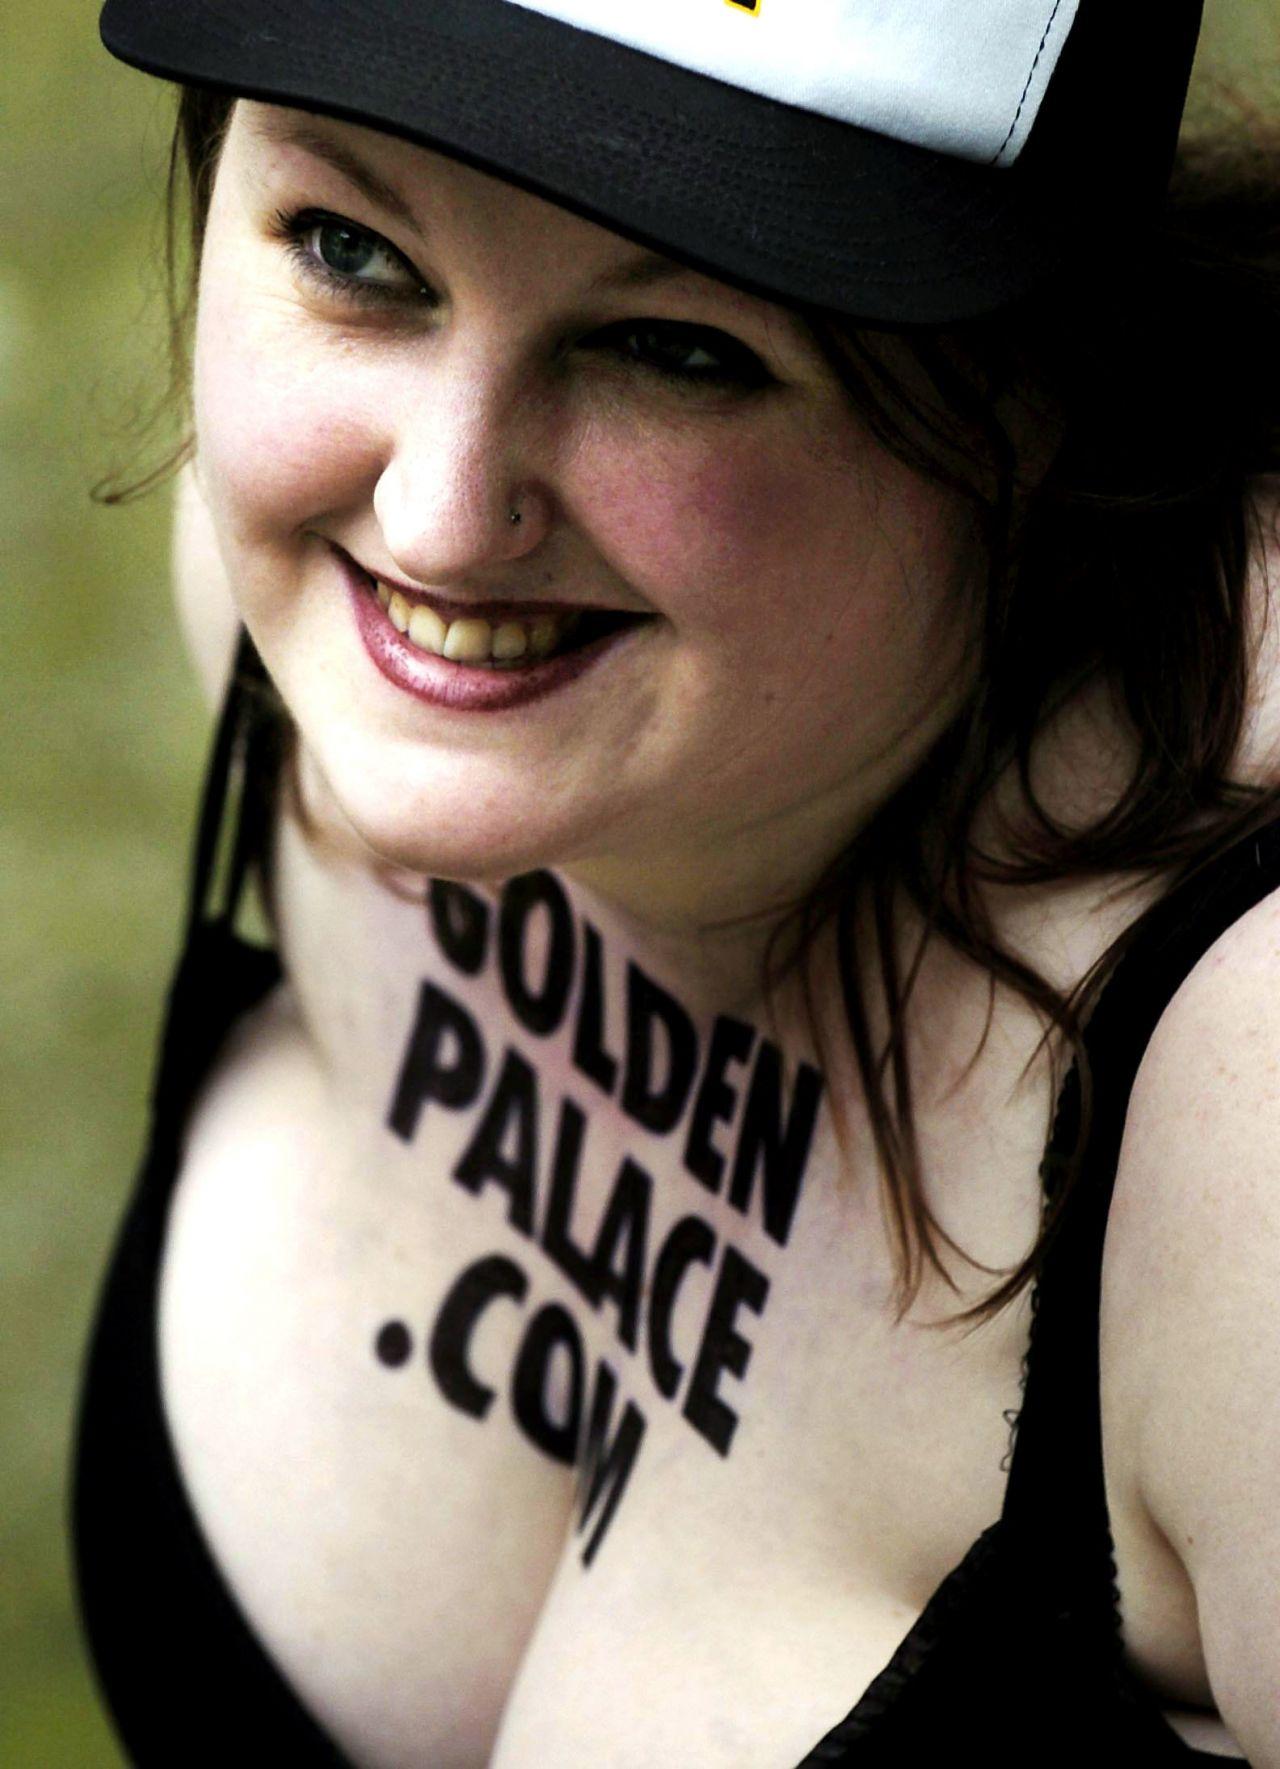 Frau versteigert auf Ebay ihre Brust als Werbefläche